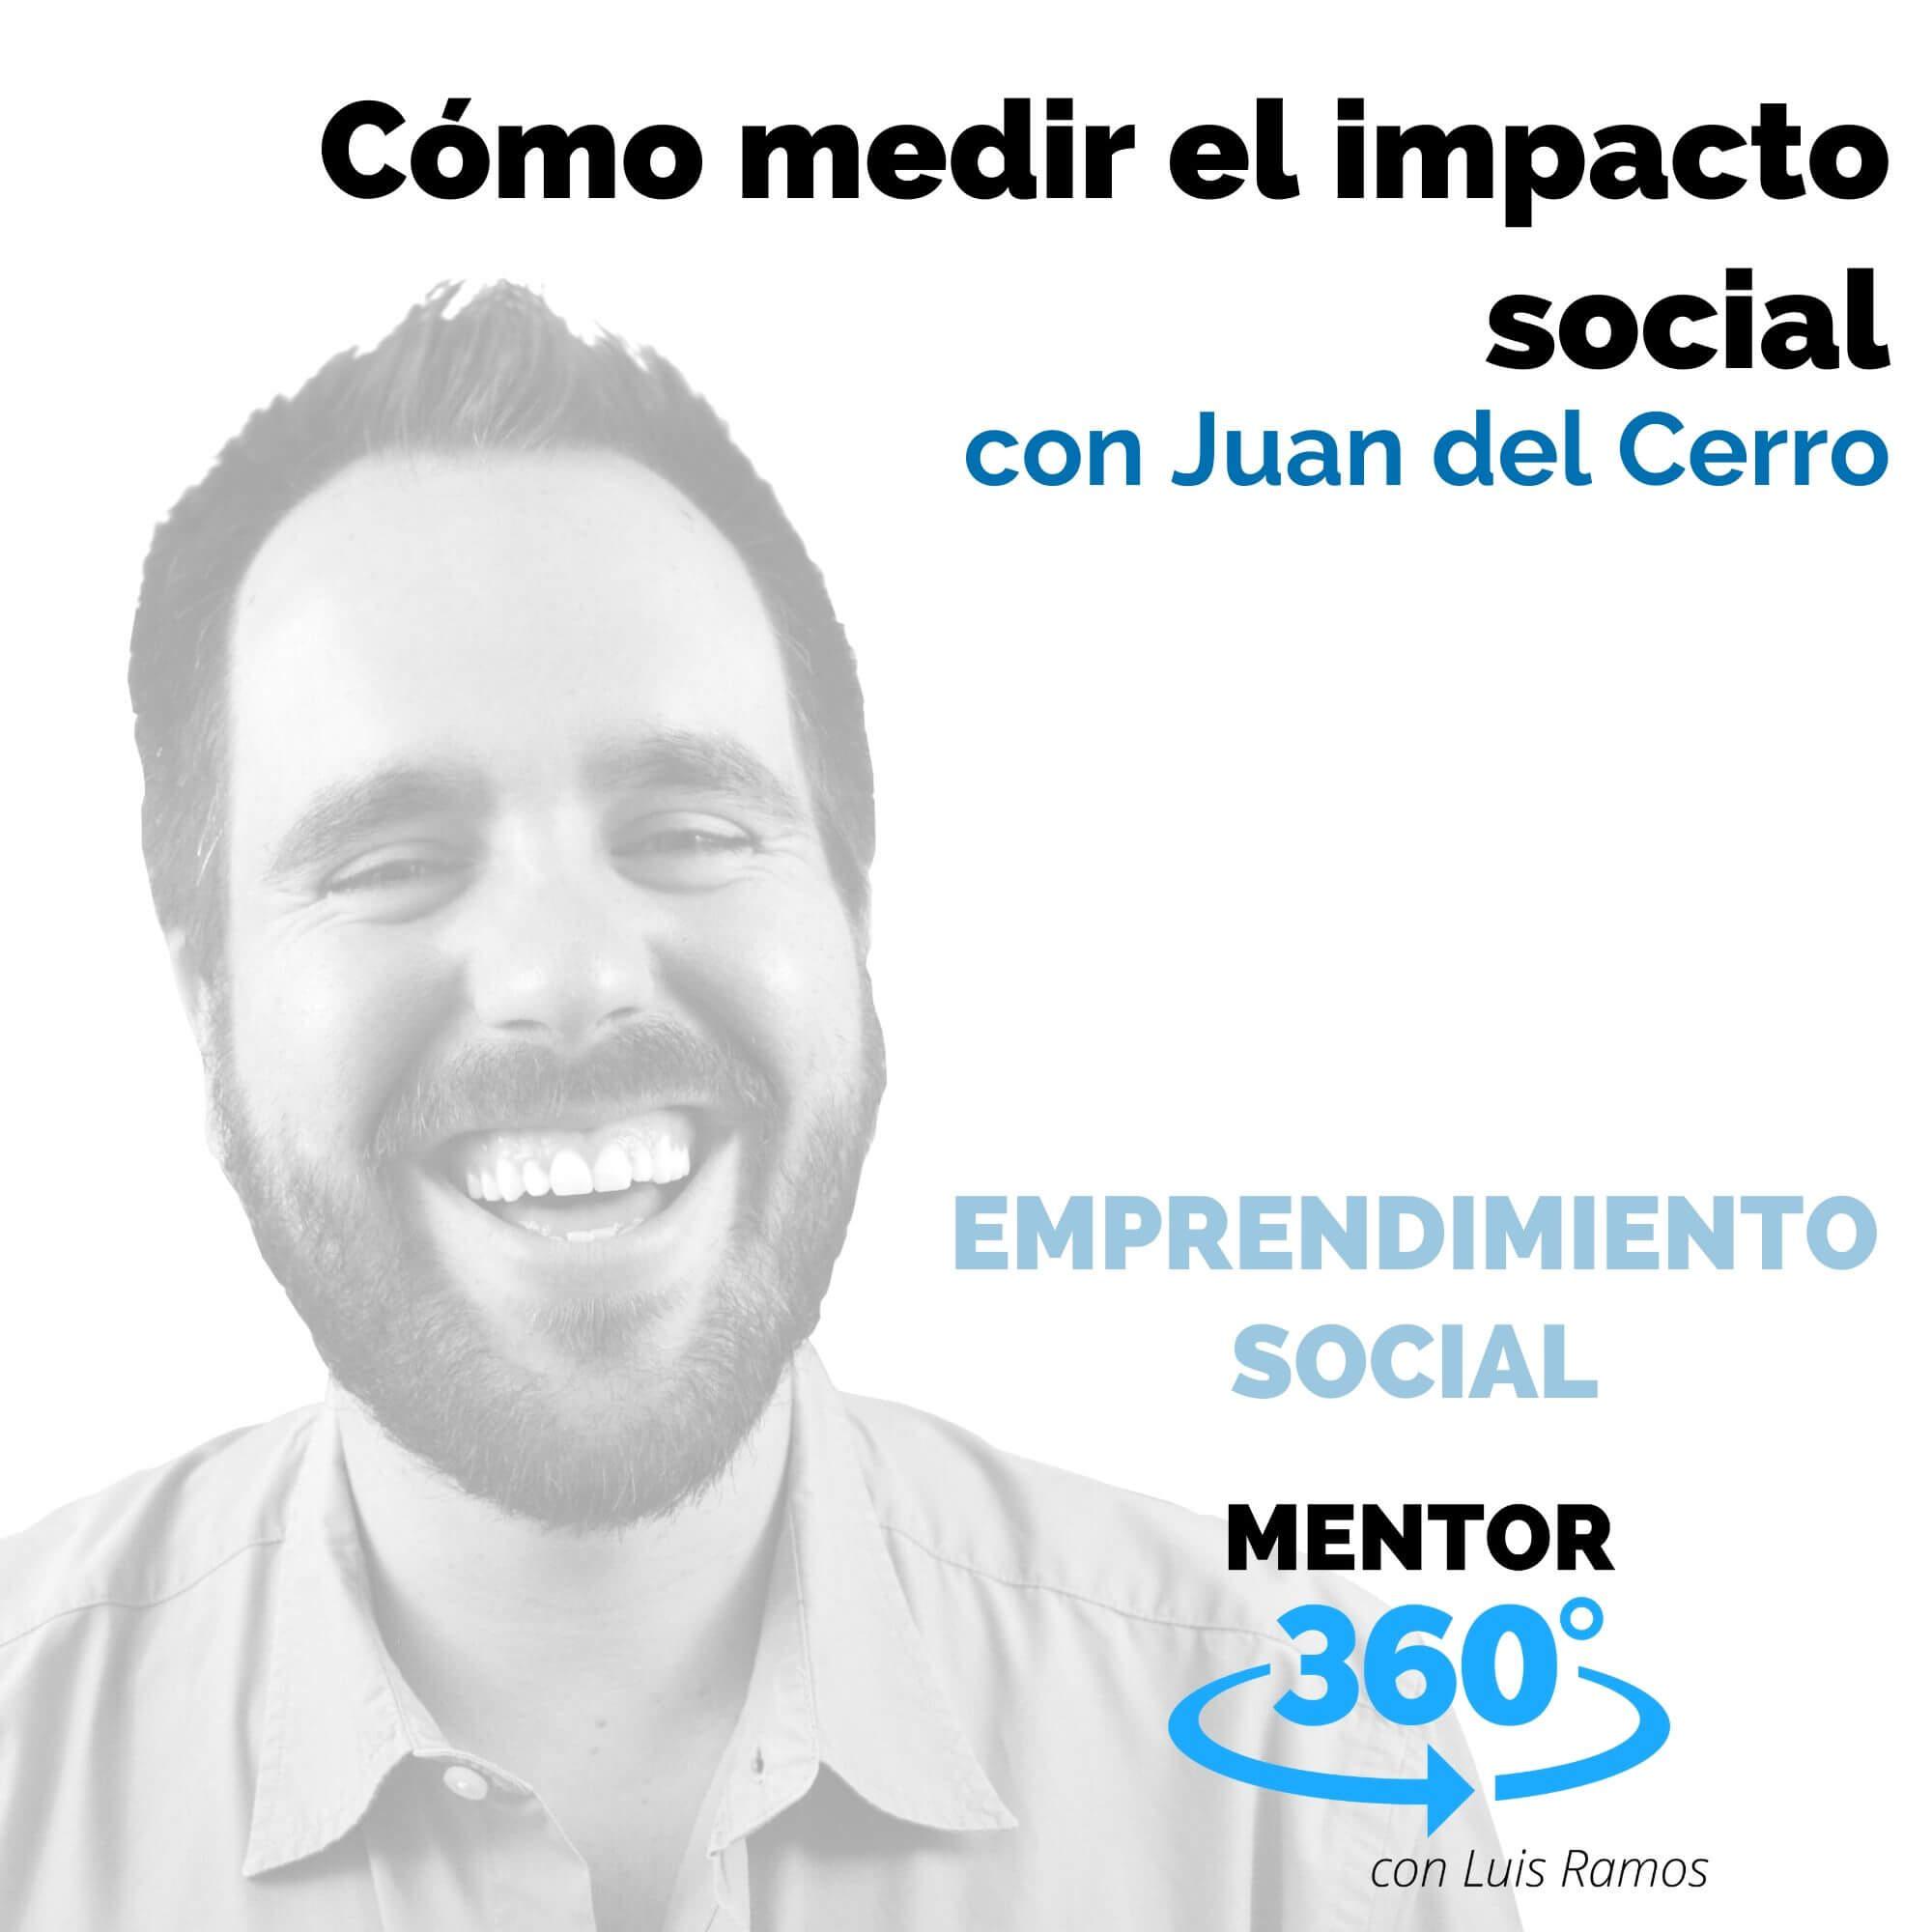 Cómo medir el impacto social, con Juan del Cerro - EMPRENDIMIENTO SOCIAL